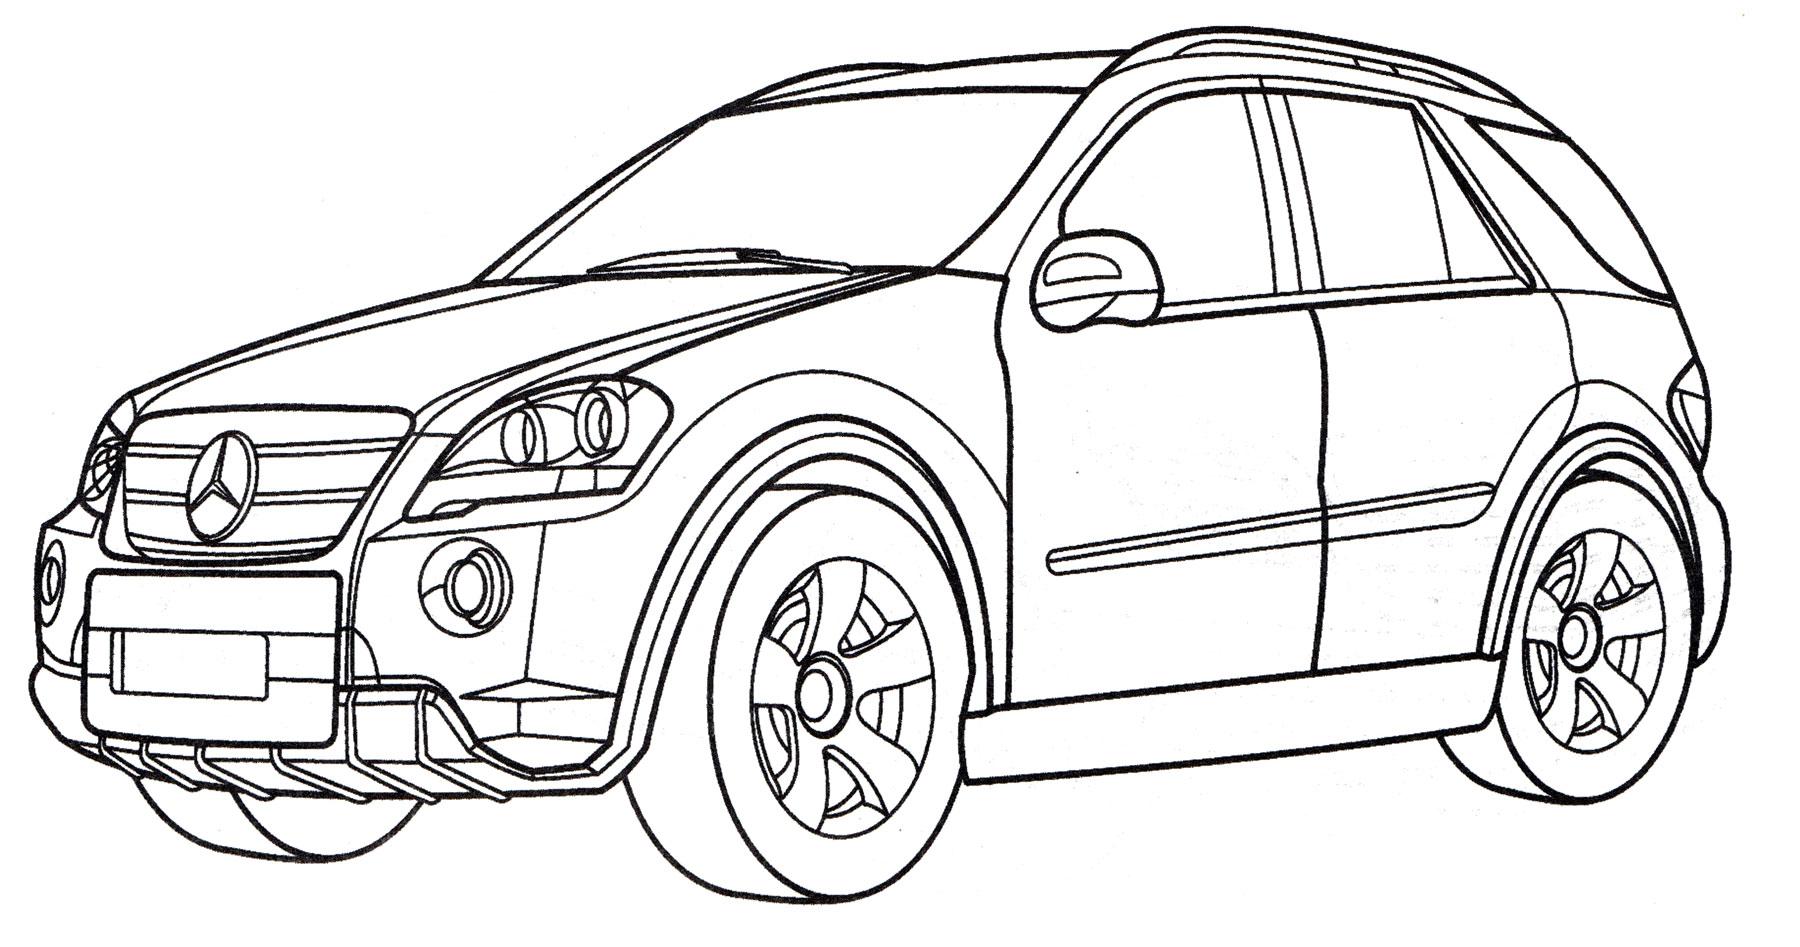 Раскраска Mercedes Benz ML 350 - распечатать бесплатно